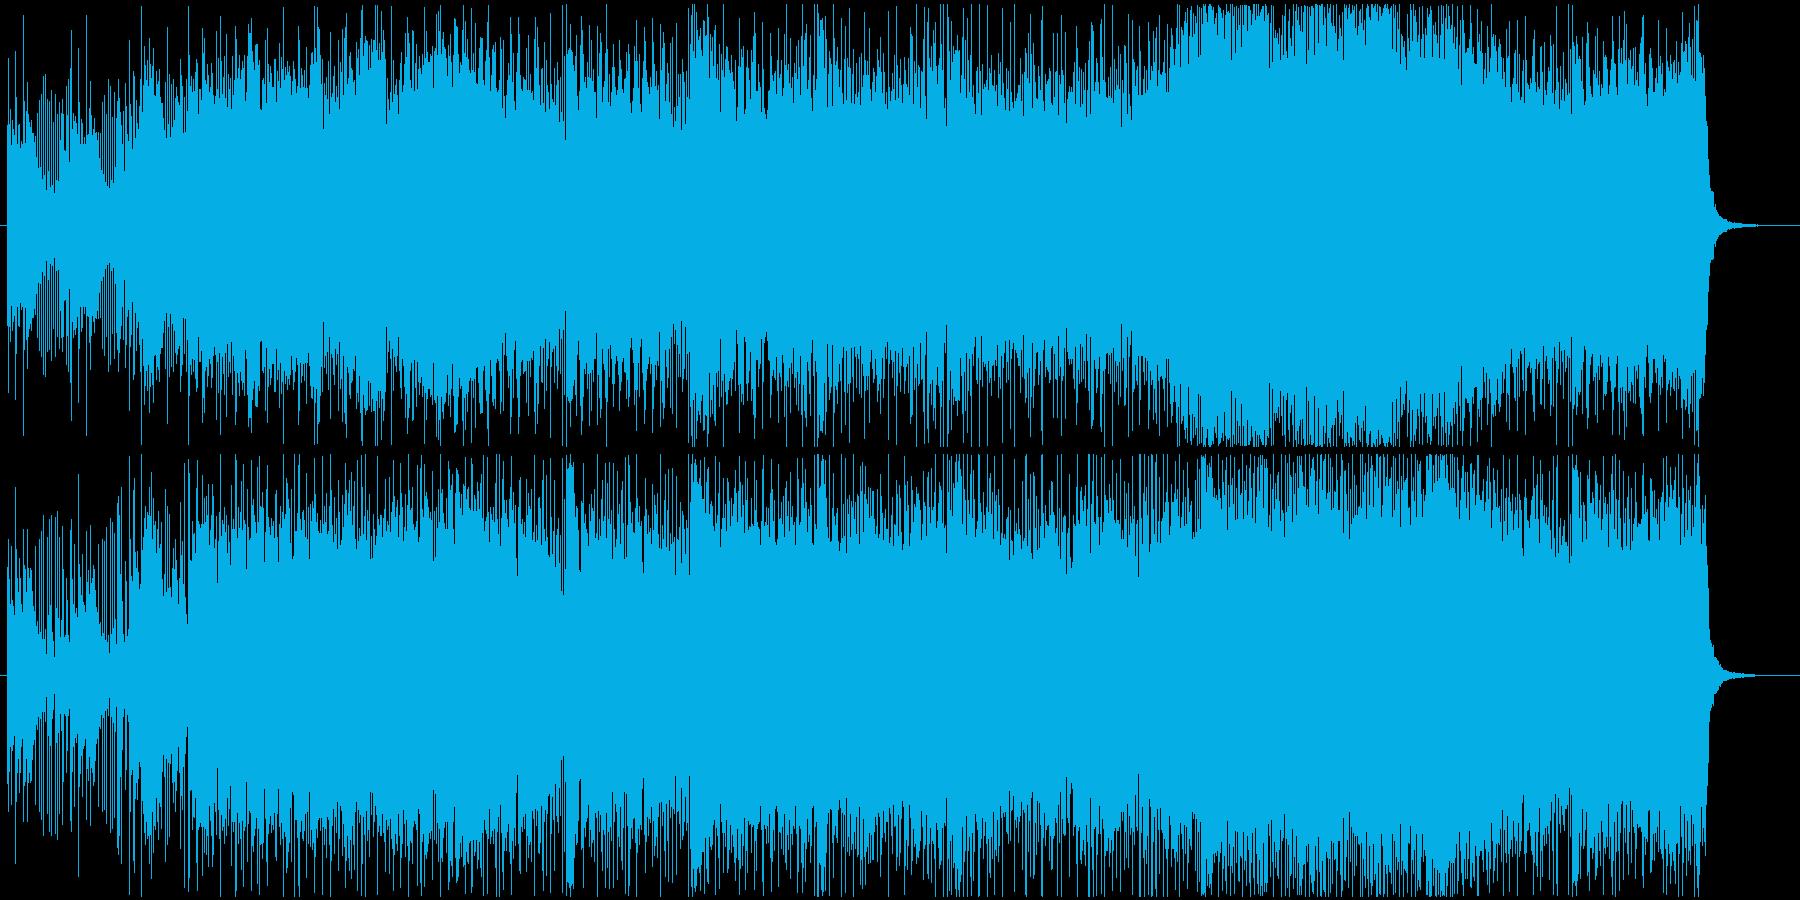 動画やラジオなどの挿入歌としても利用可能の再生済みの波形